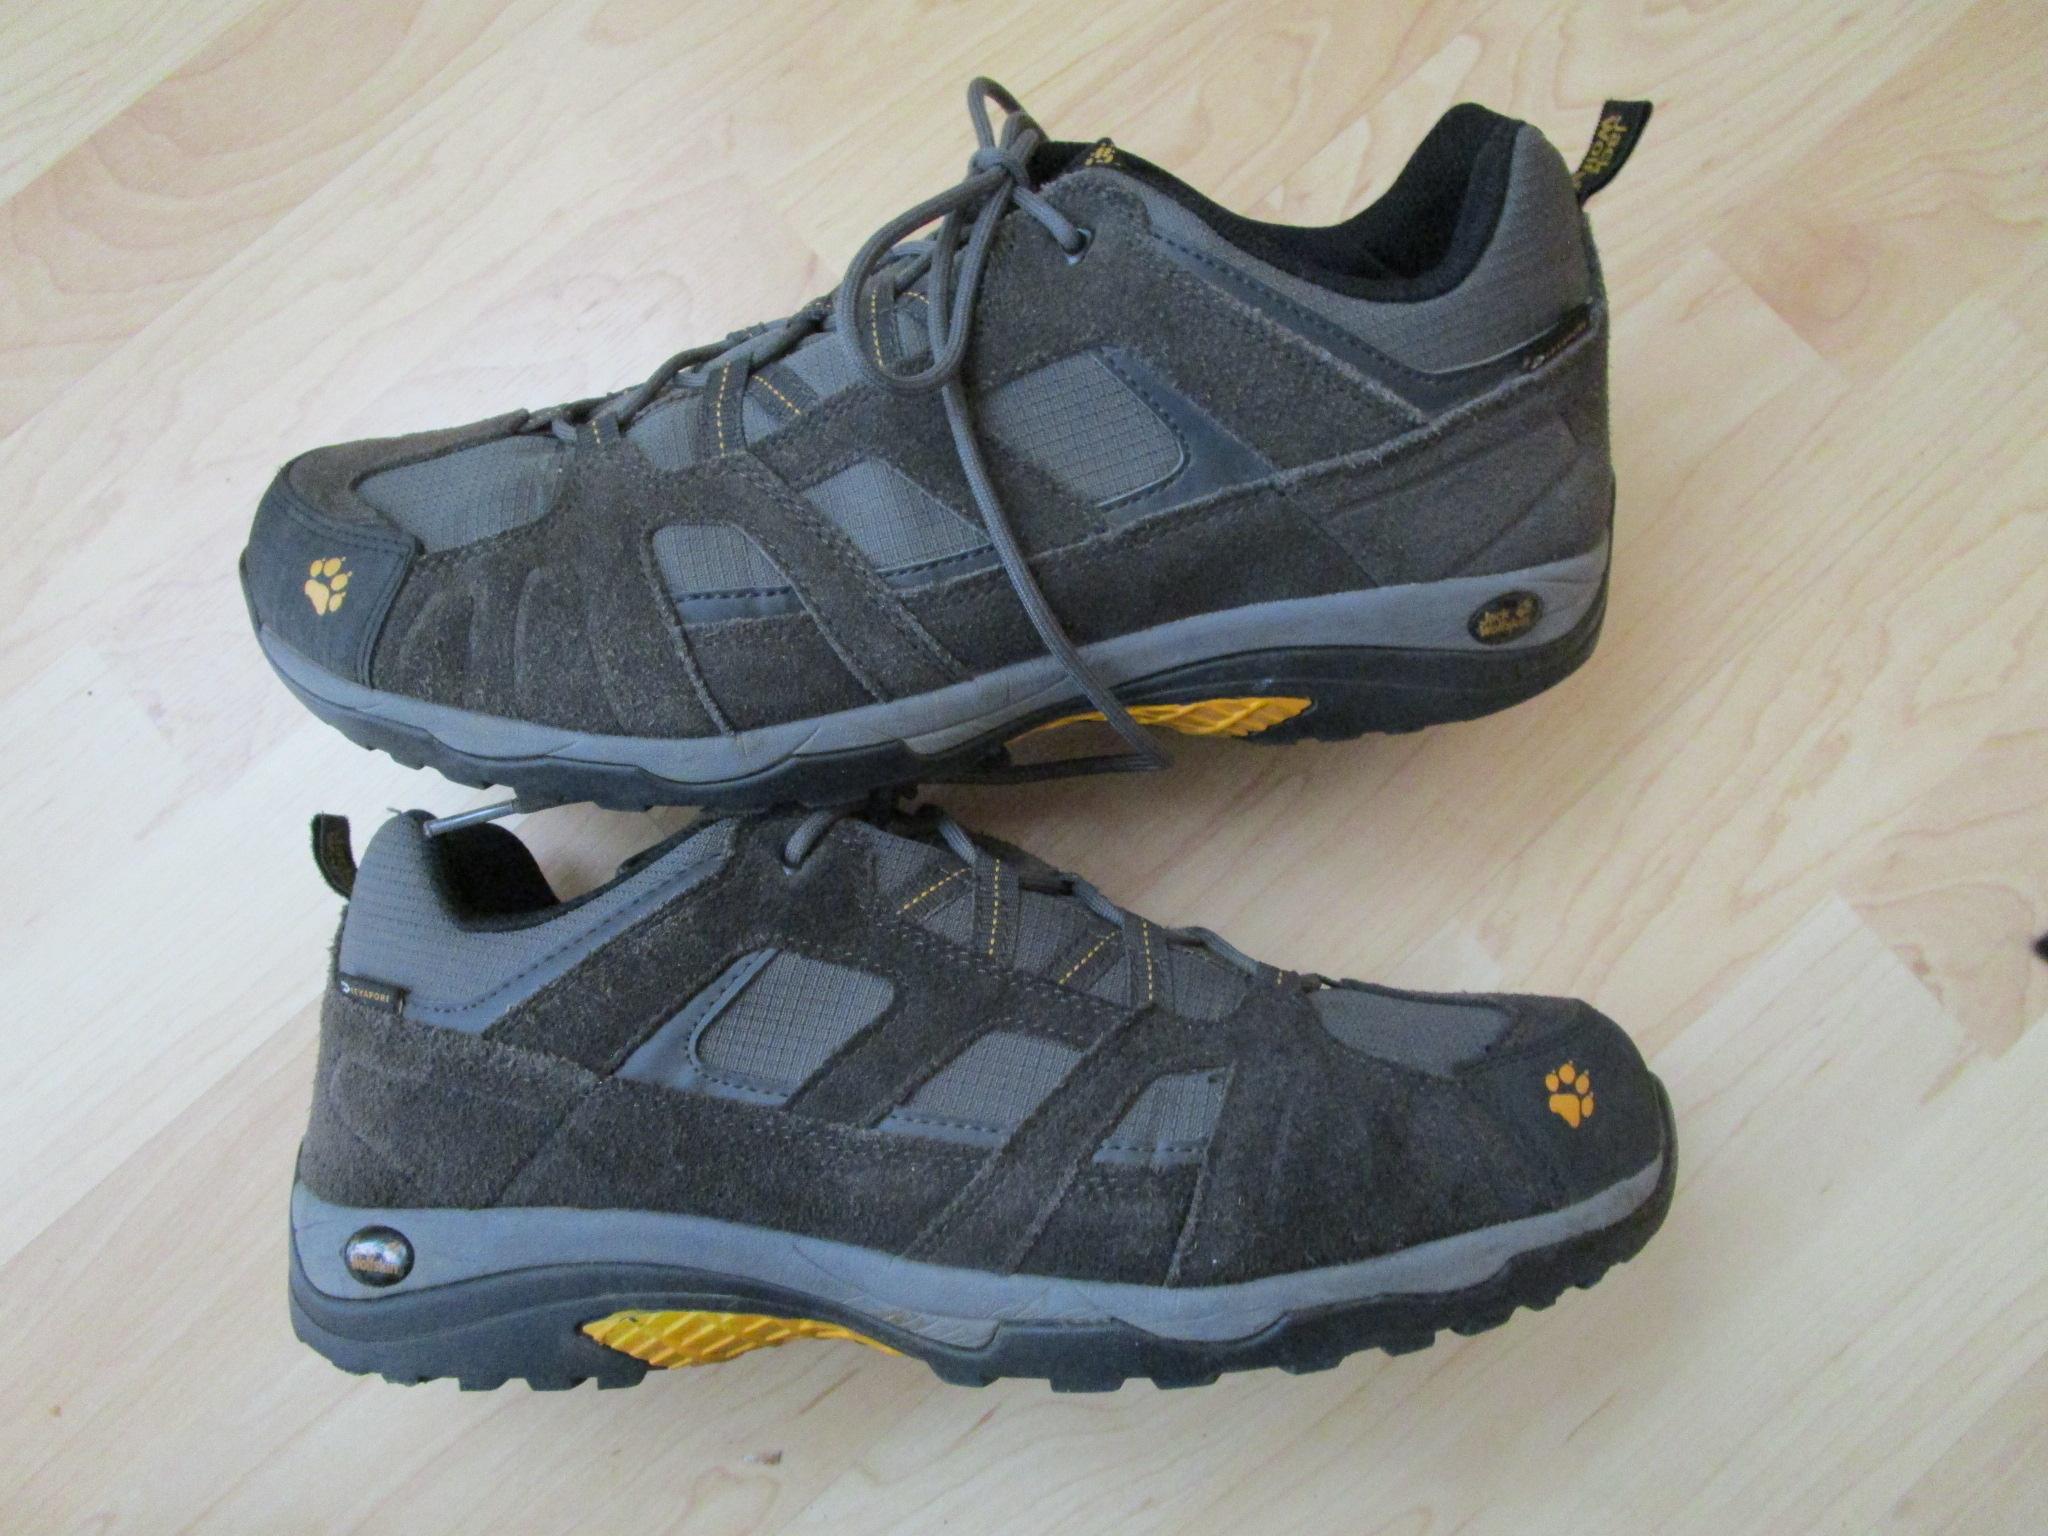 Bild Nummer 2 von Jack Wolfskin Schuhe Outdoor Walking Freizeit